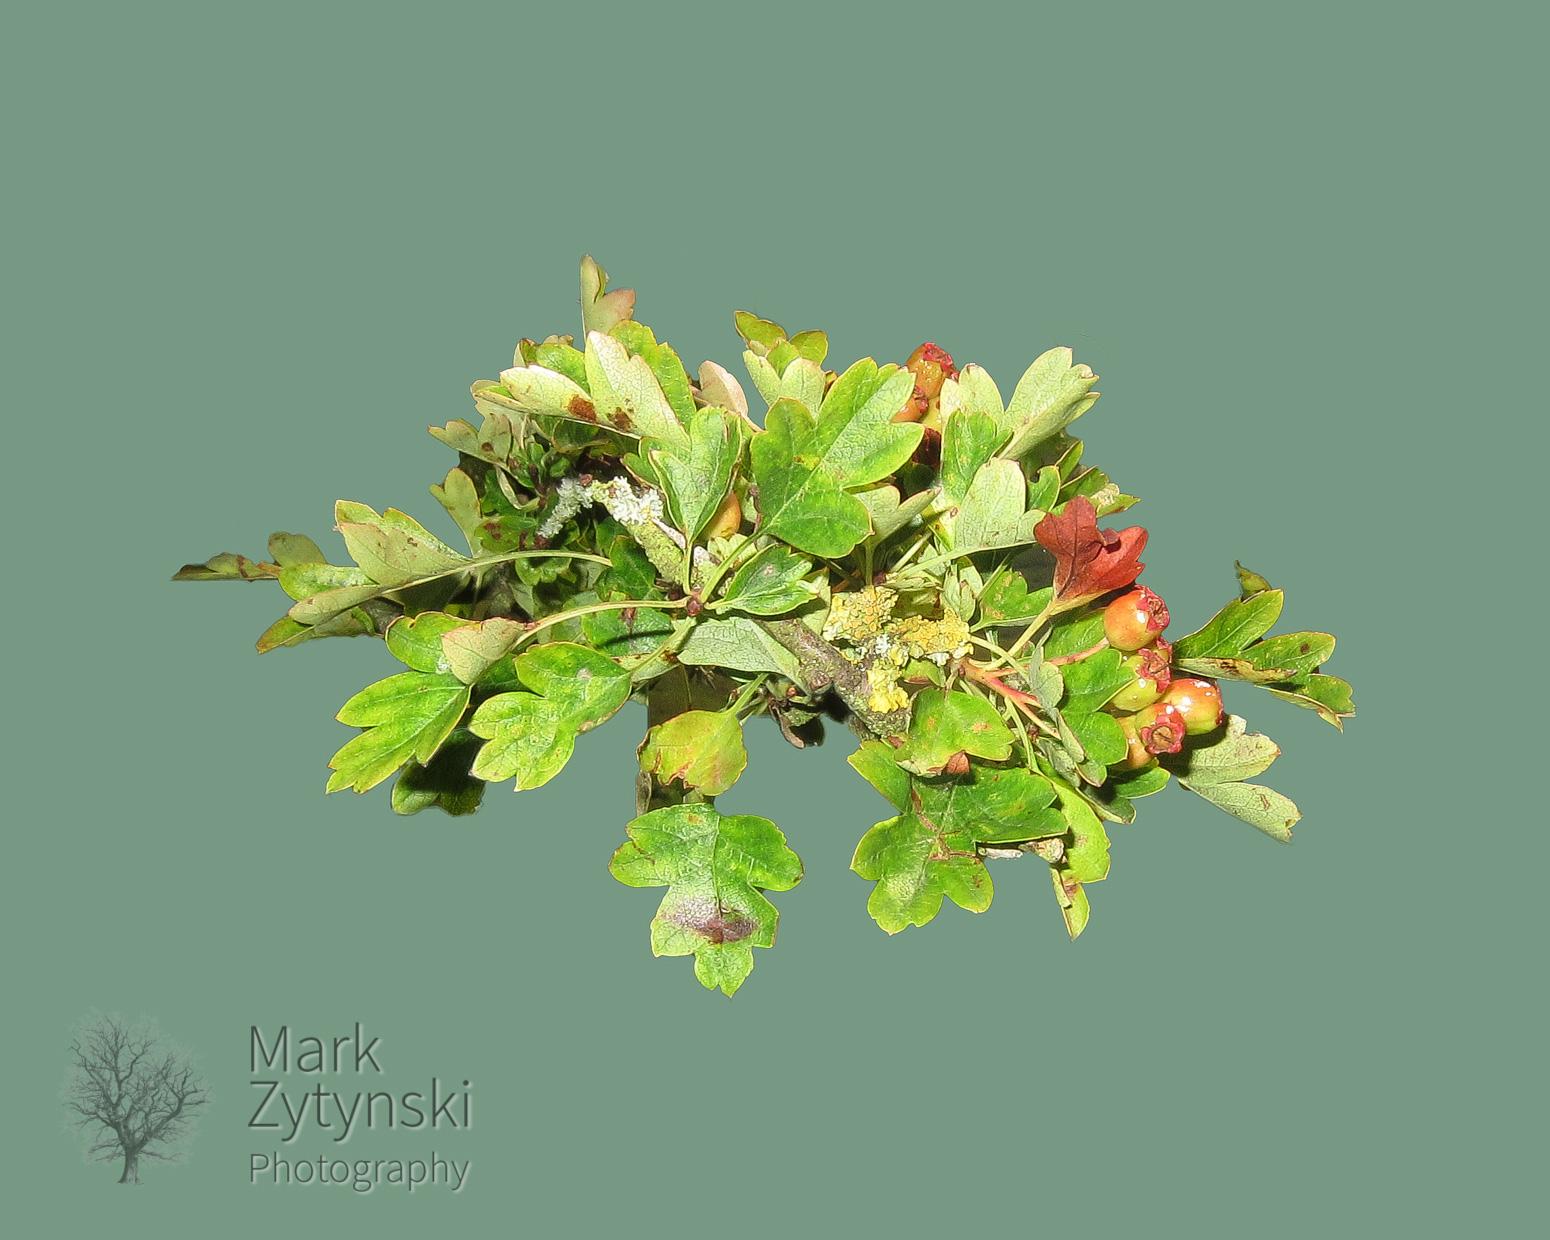 Zytynski_thorn_leaves.jpg